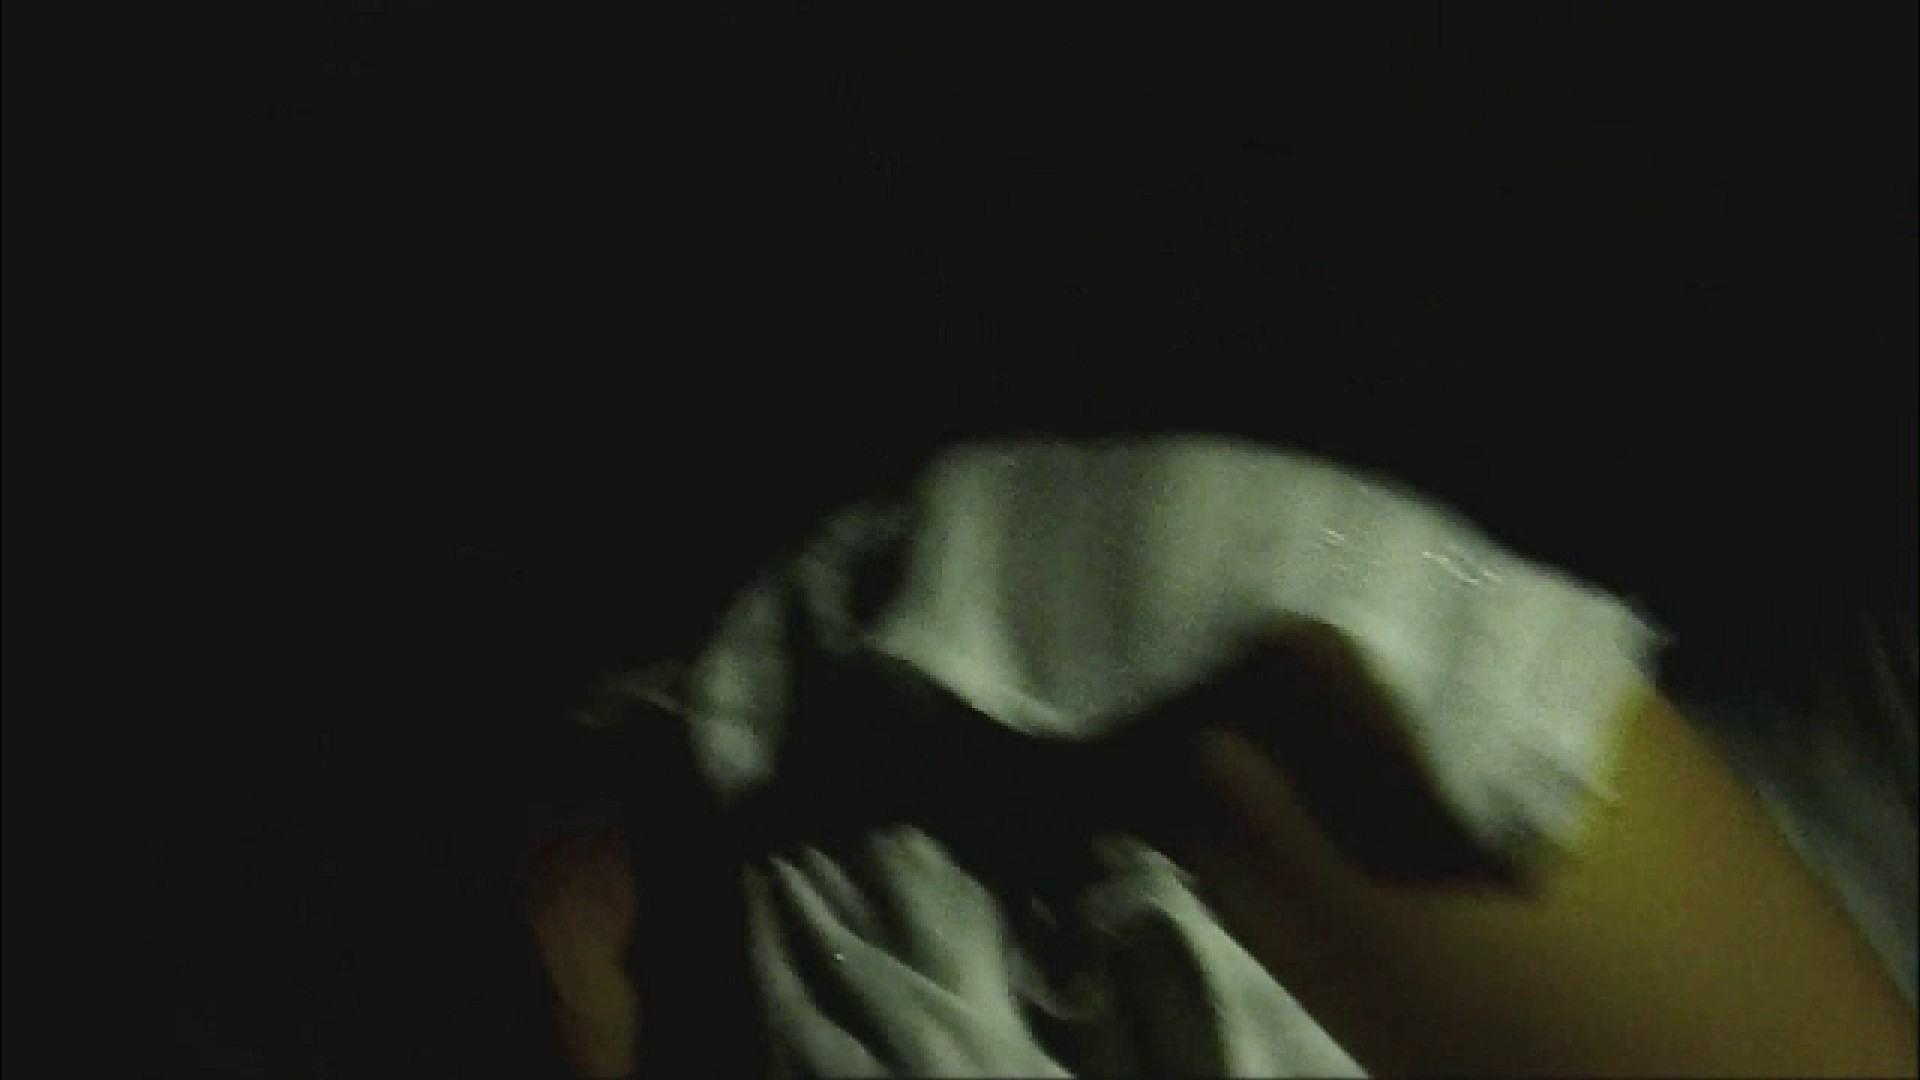 魔術師の お・も・て・な・し vol.01 20歳販売系 悪戯 オマンコ動画キャプチャ 61画像 14